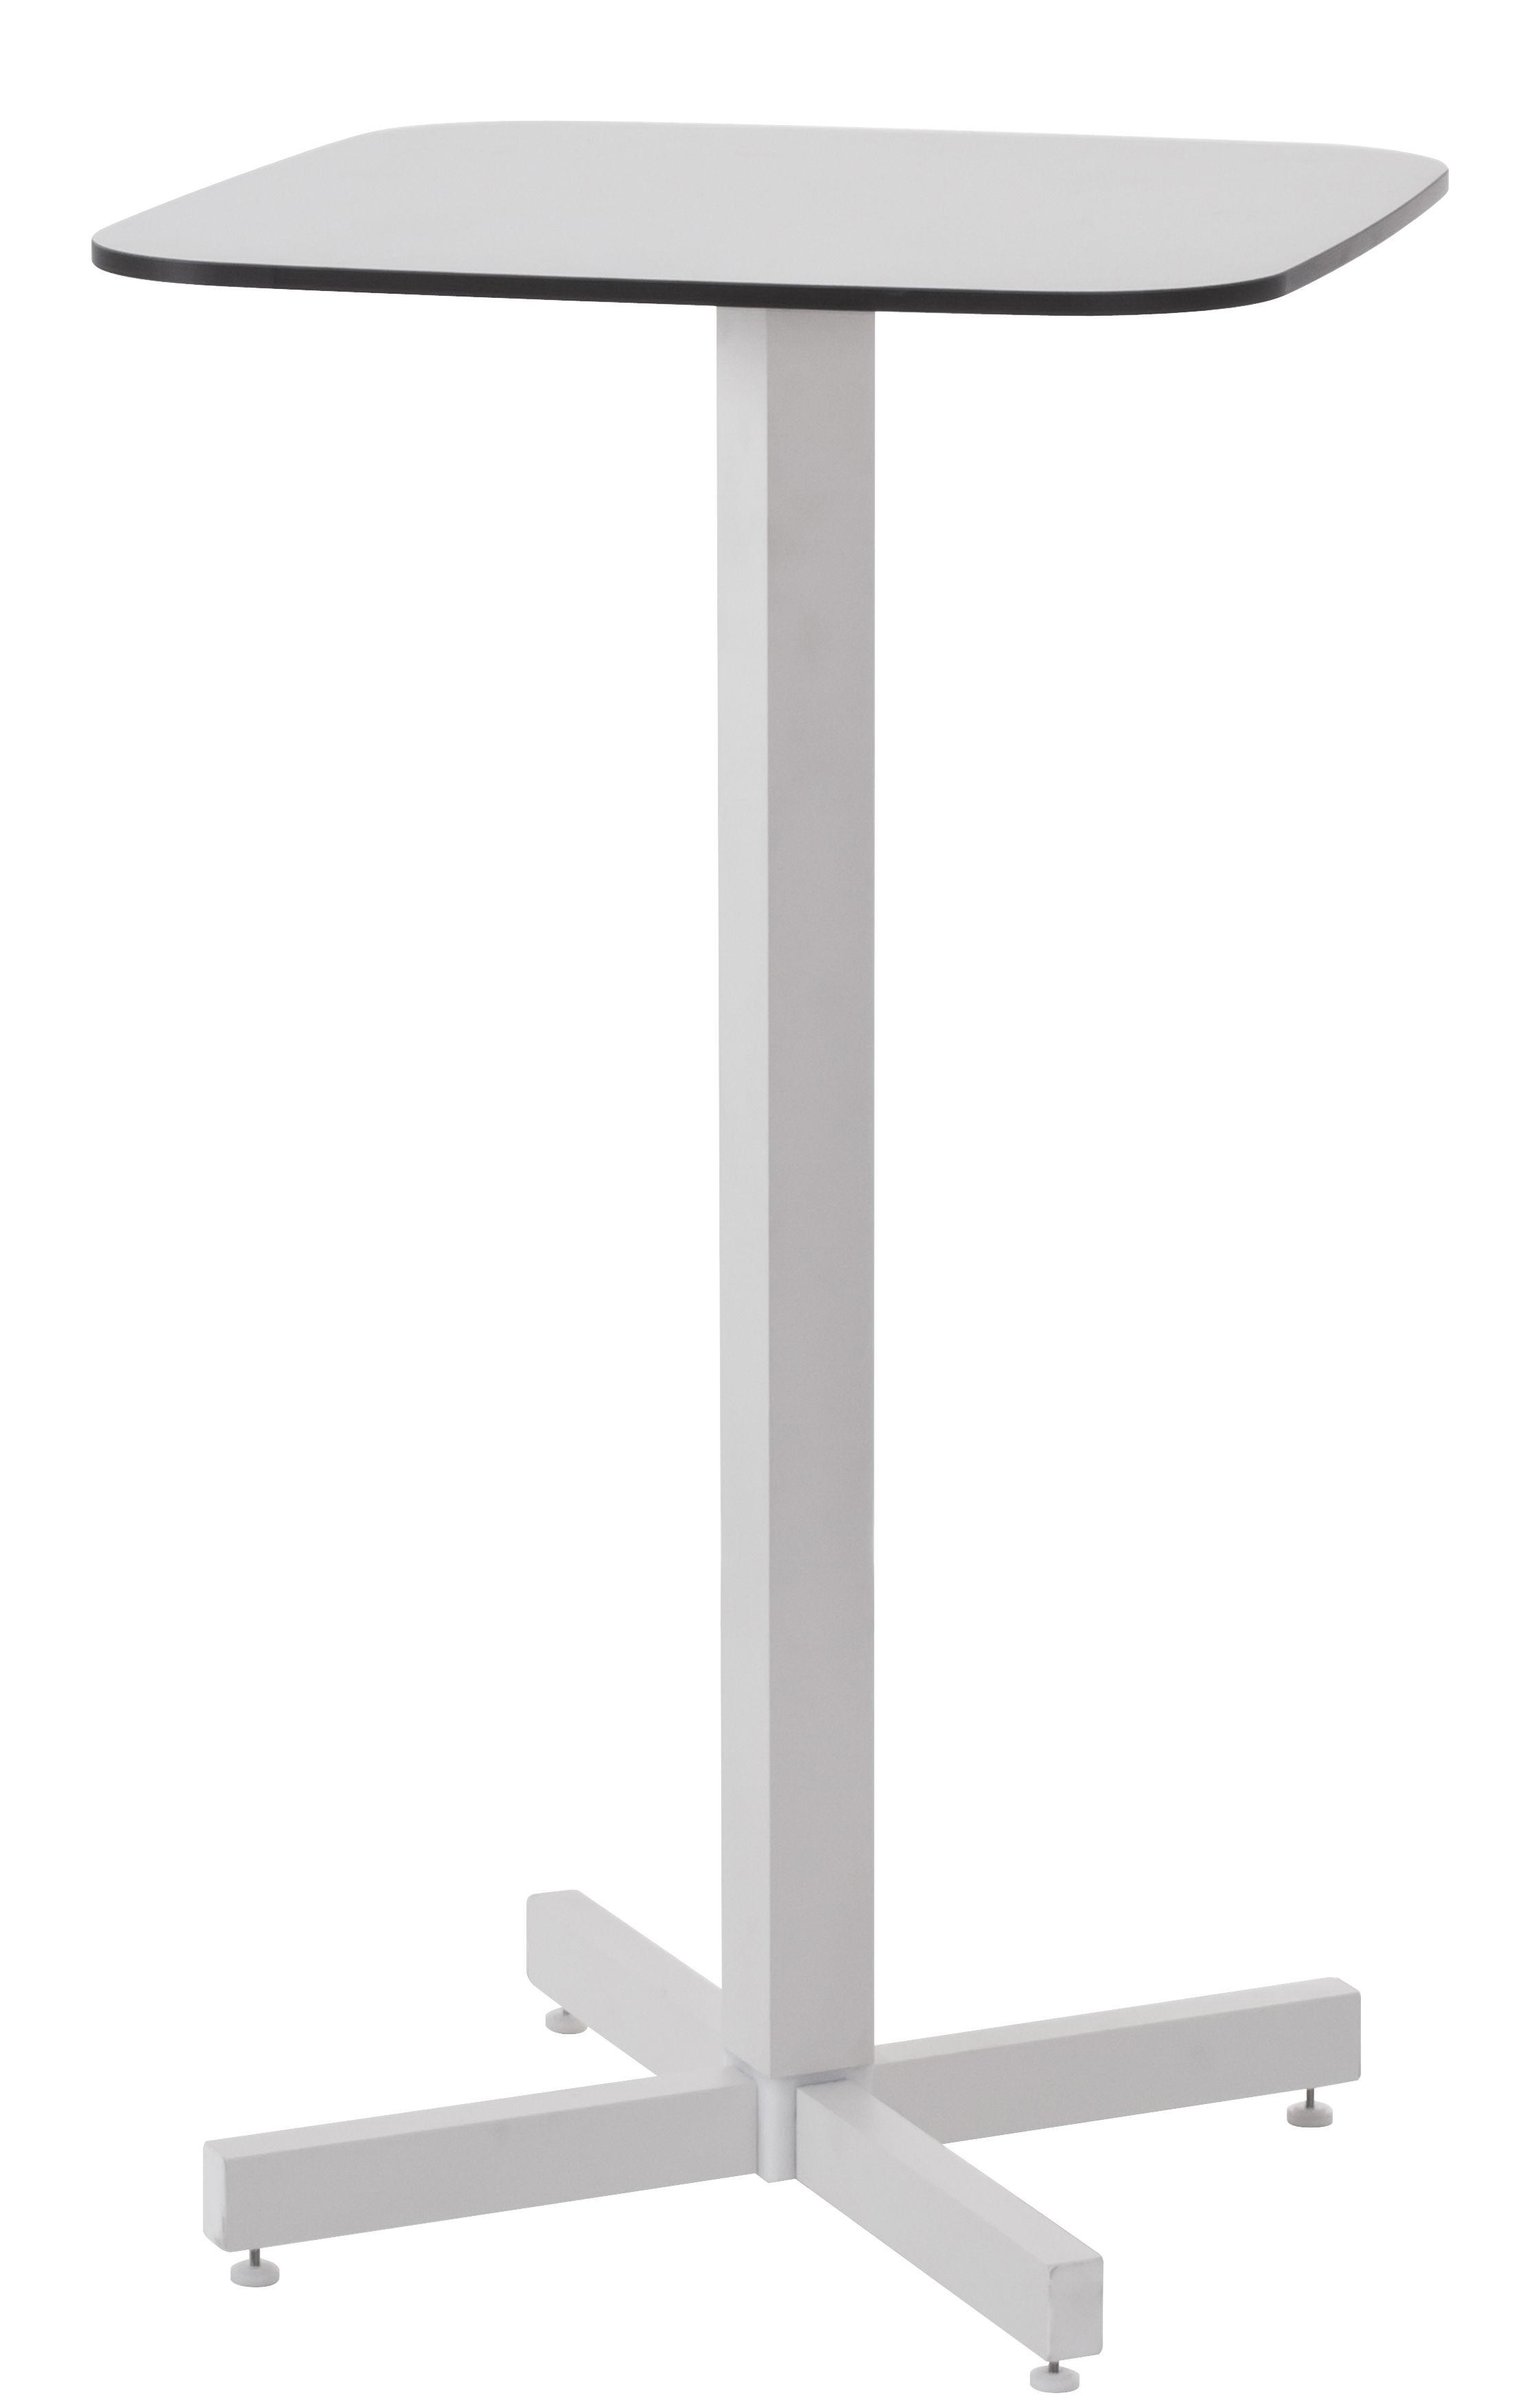 Arredamento - Tavoli alti - Tavolo bar alto Shine - / H 105 cm di Emu - Bianco - alluminio verniciato, HPL